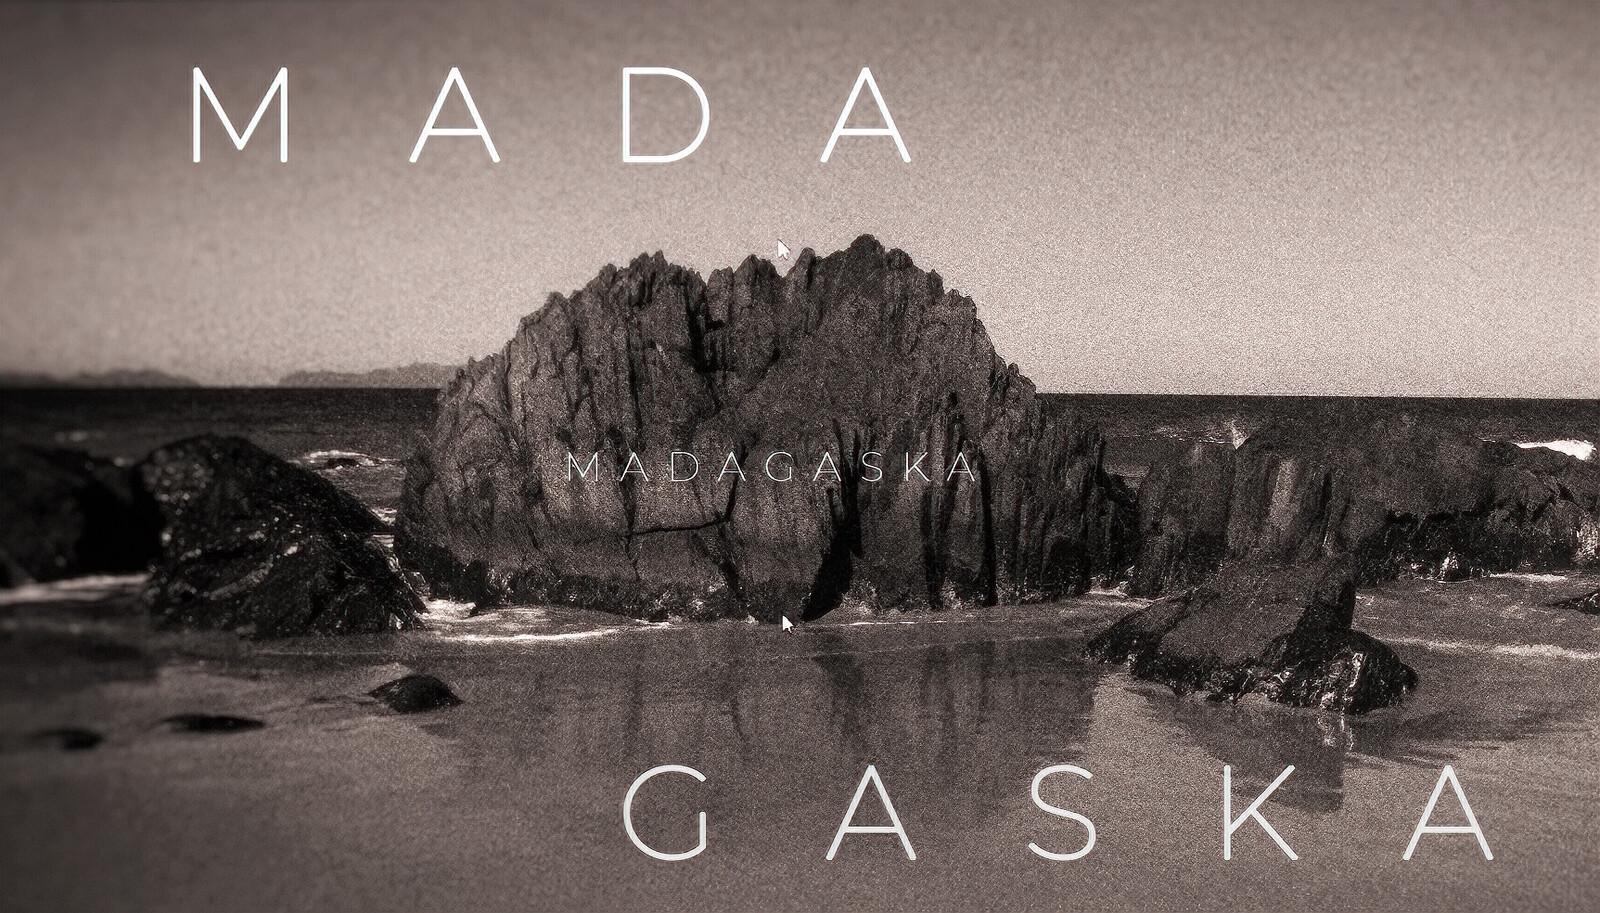 MADAGASKA